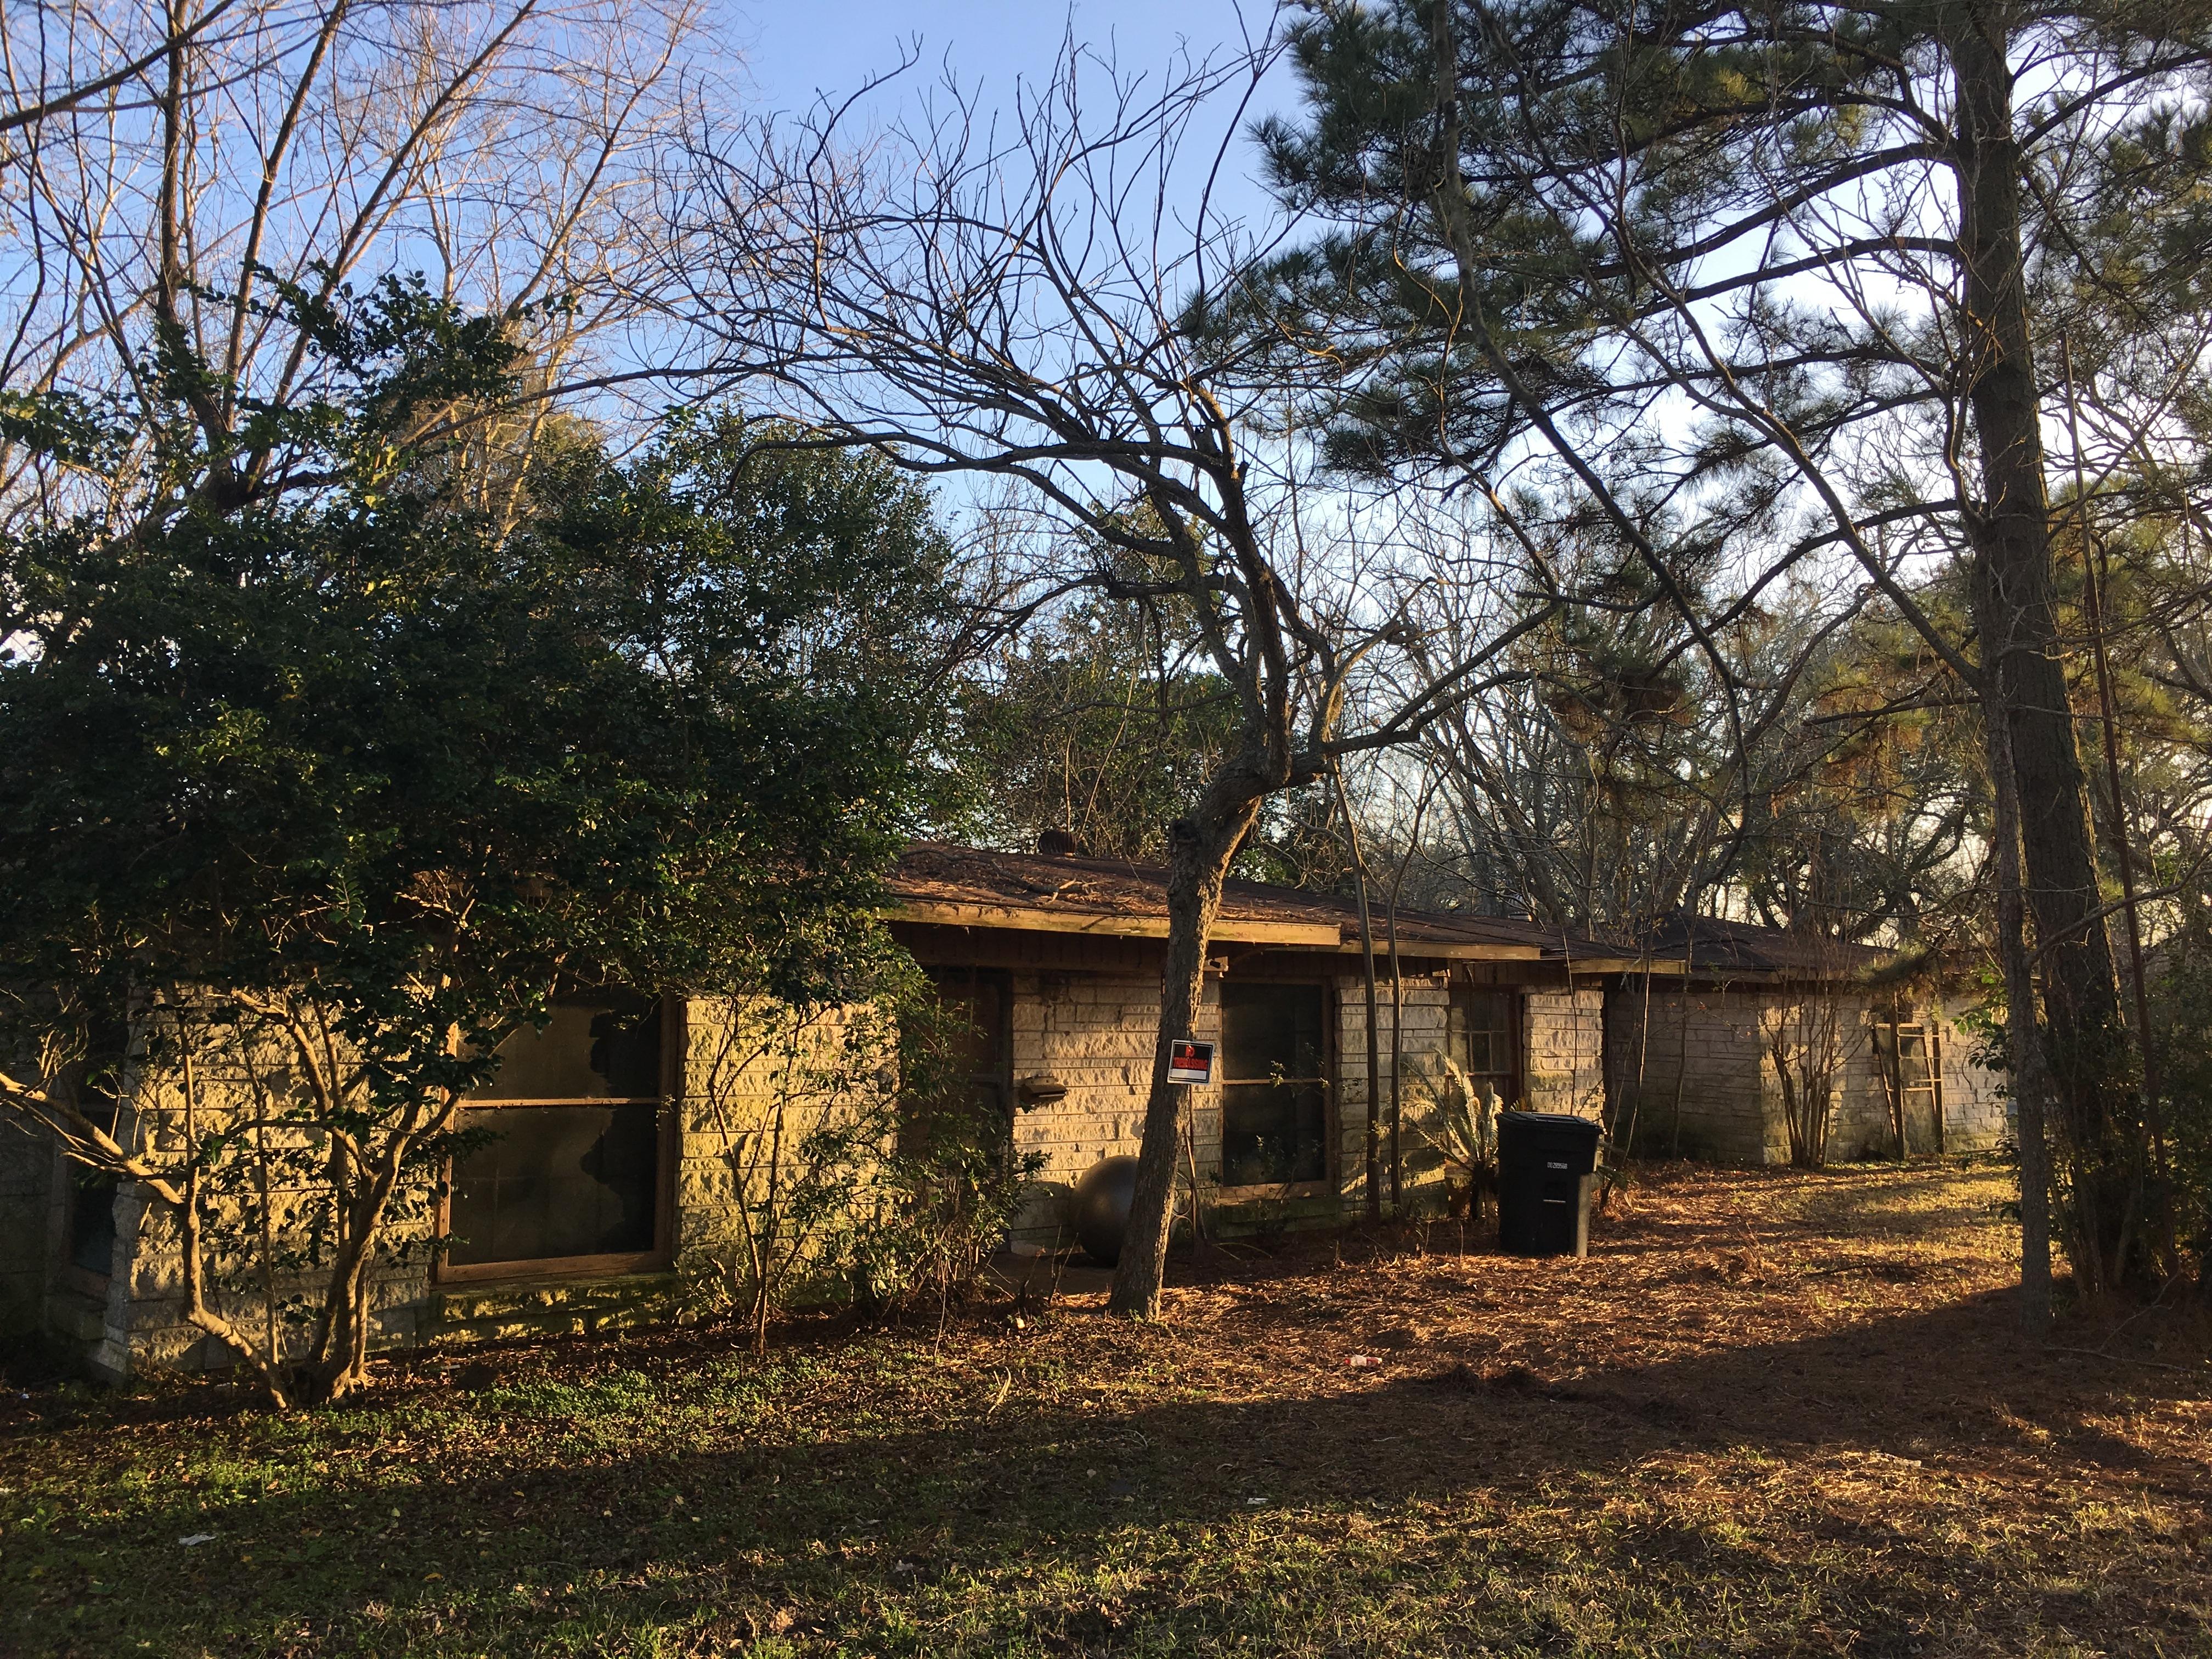 7308 Cayton St, Houston, TX 77061   RealEstate.com